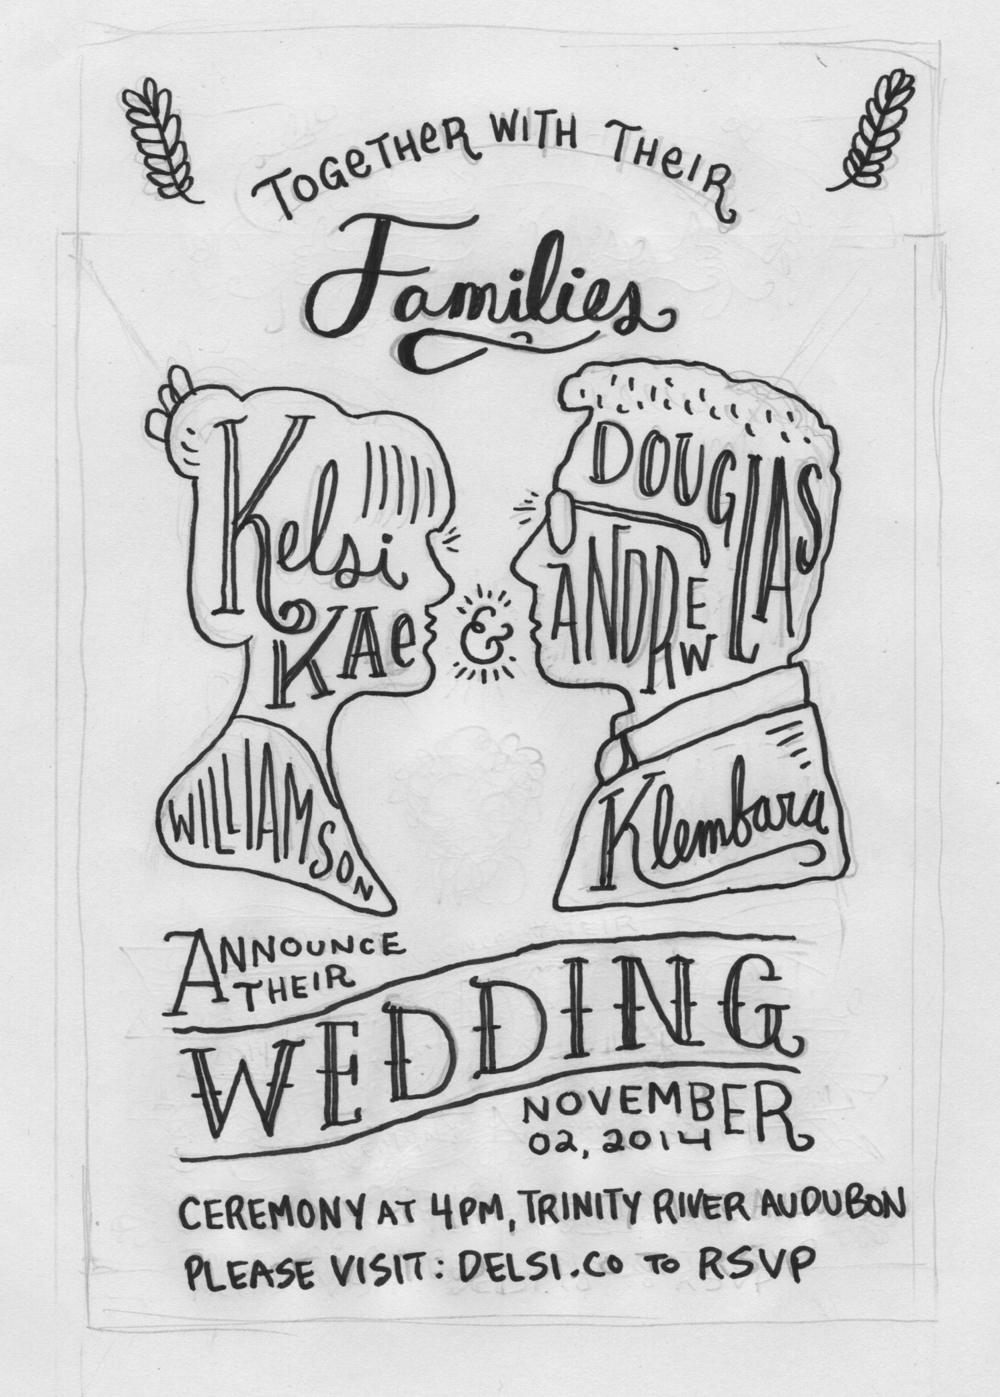 Delsi Wedding Invitations — Kyle Steed